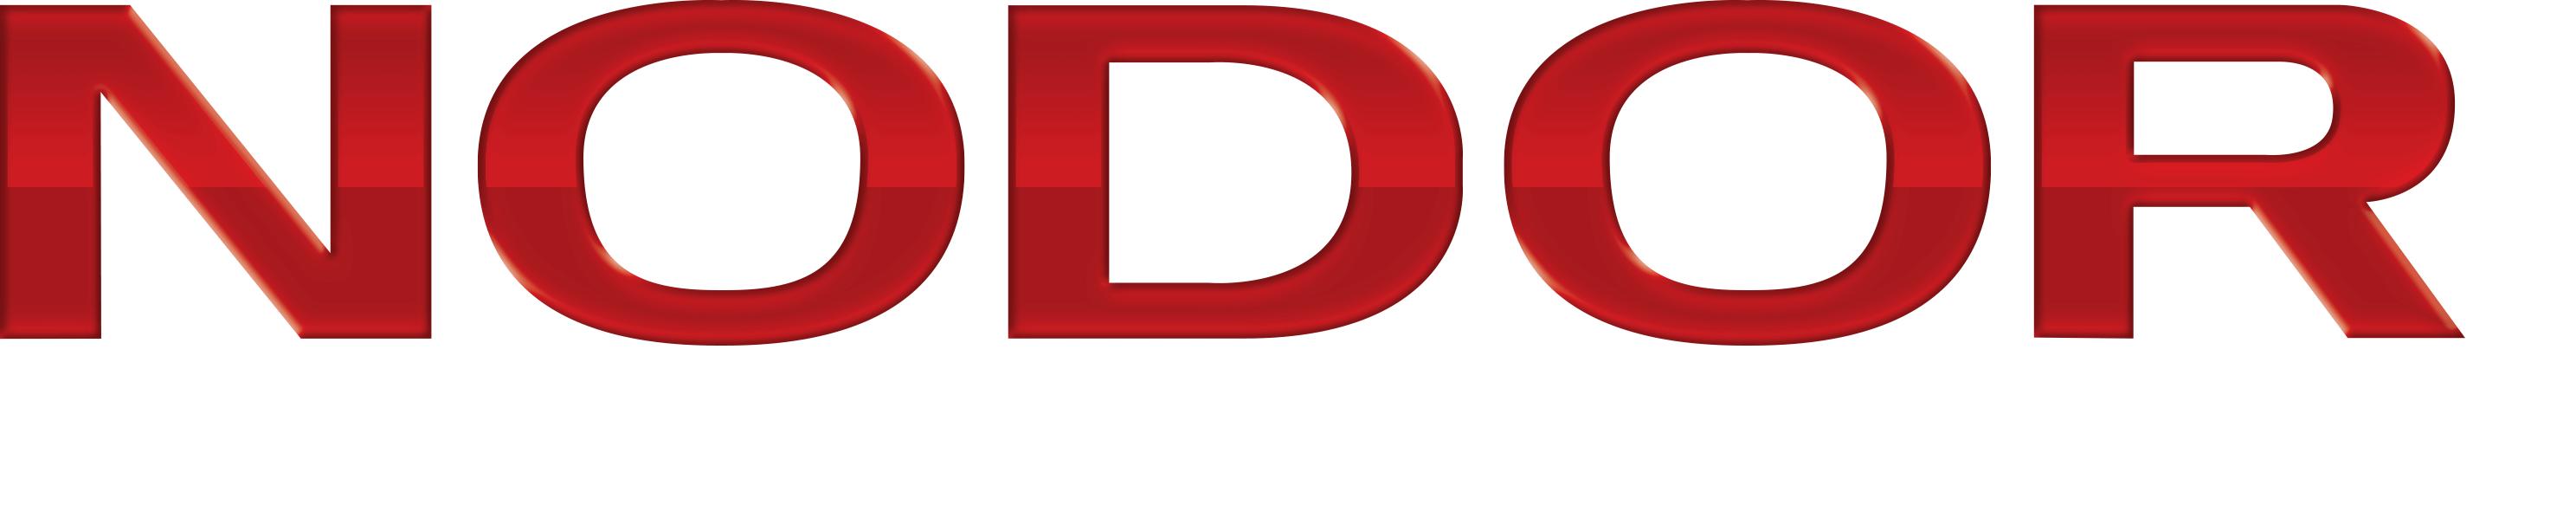 Официальный дистрибьютор Nodor Darts